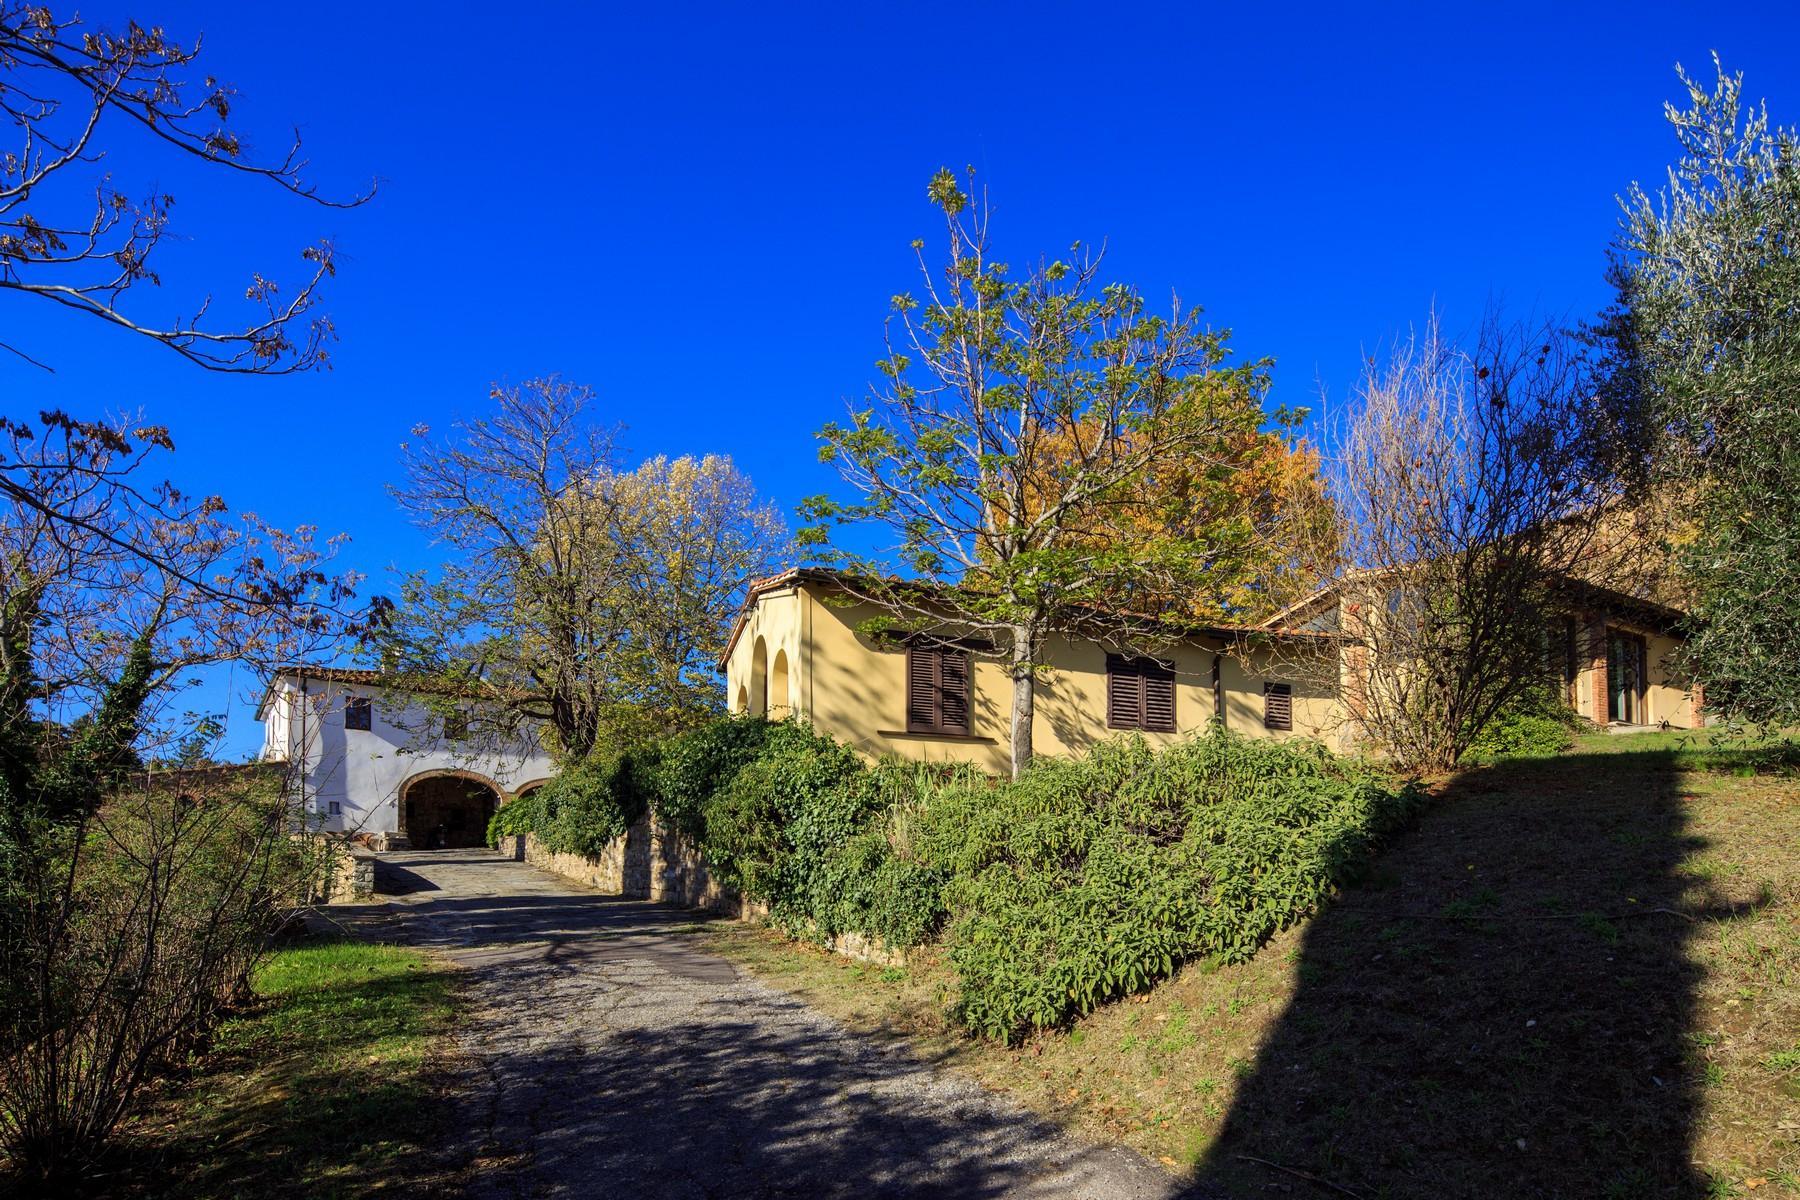 Wunderschöne Immobilien mit atemberaubendem Blick auf Florenz - 34